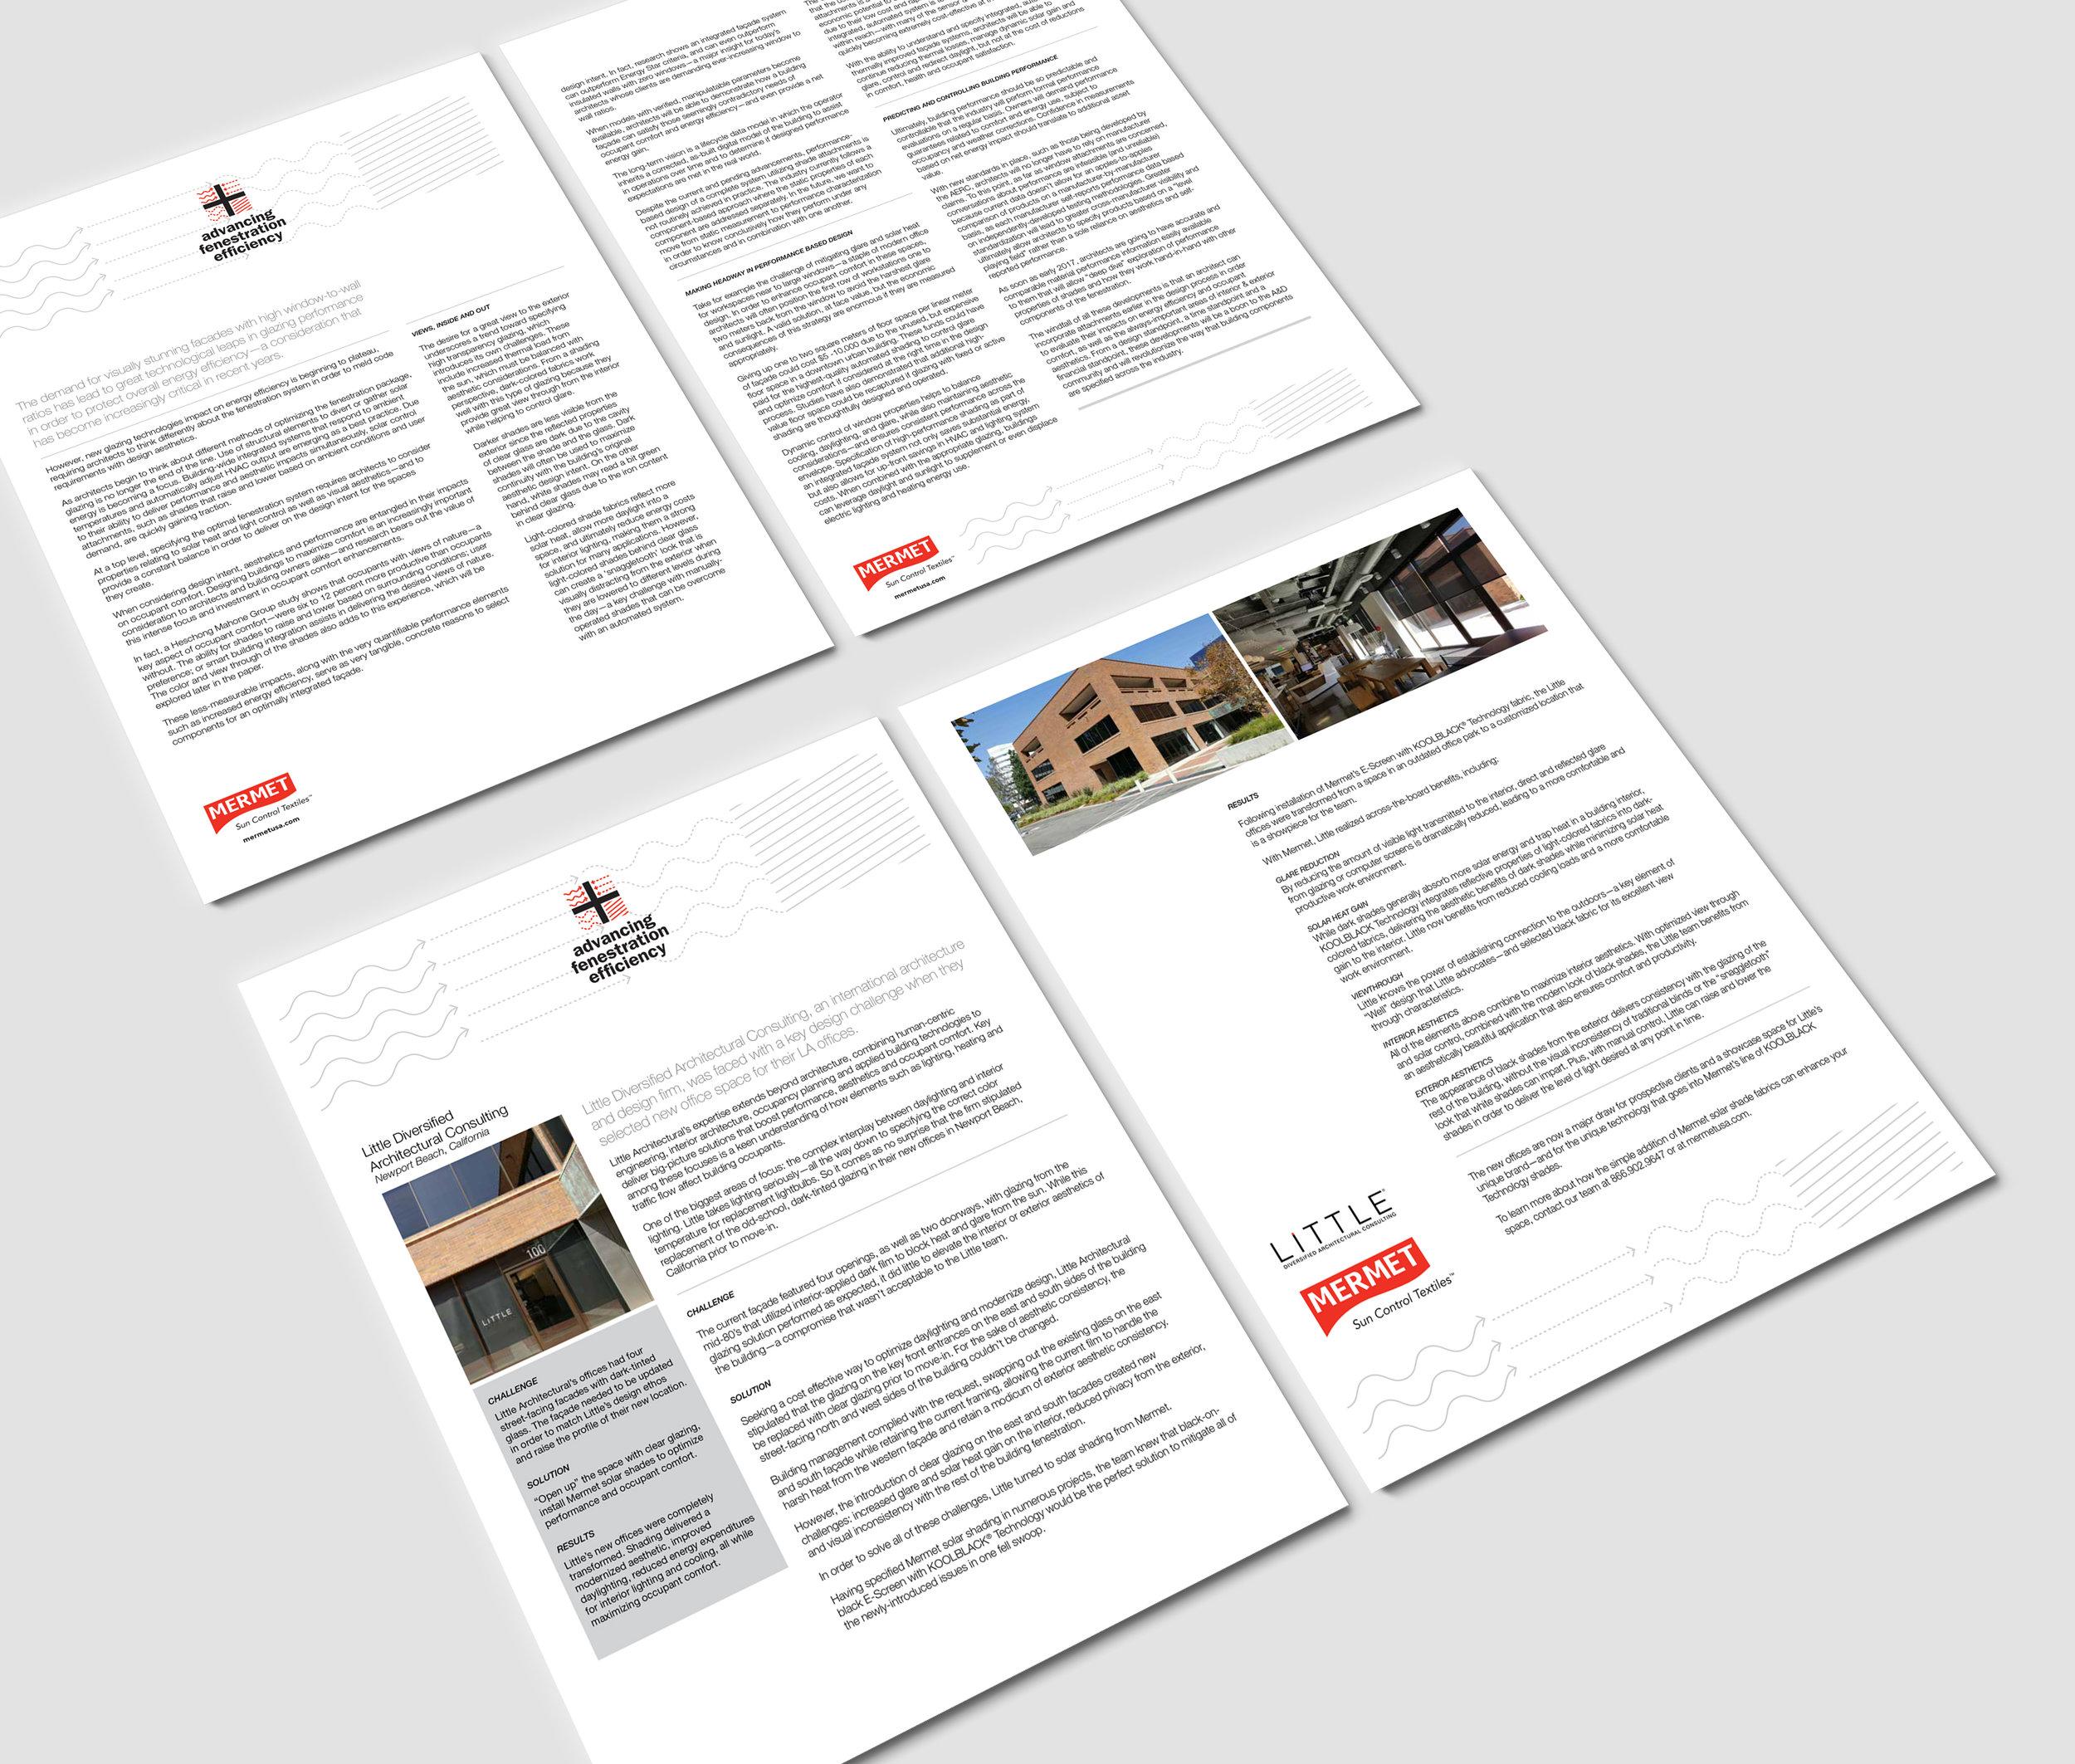 MERevent-casestudy+whitepaper-crop.jpg